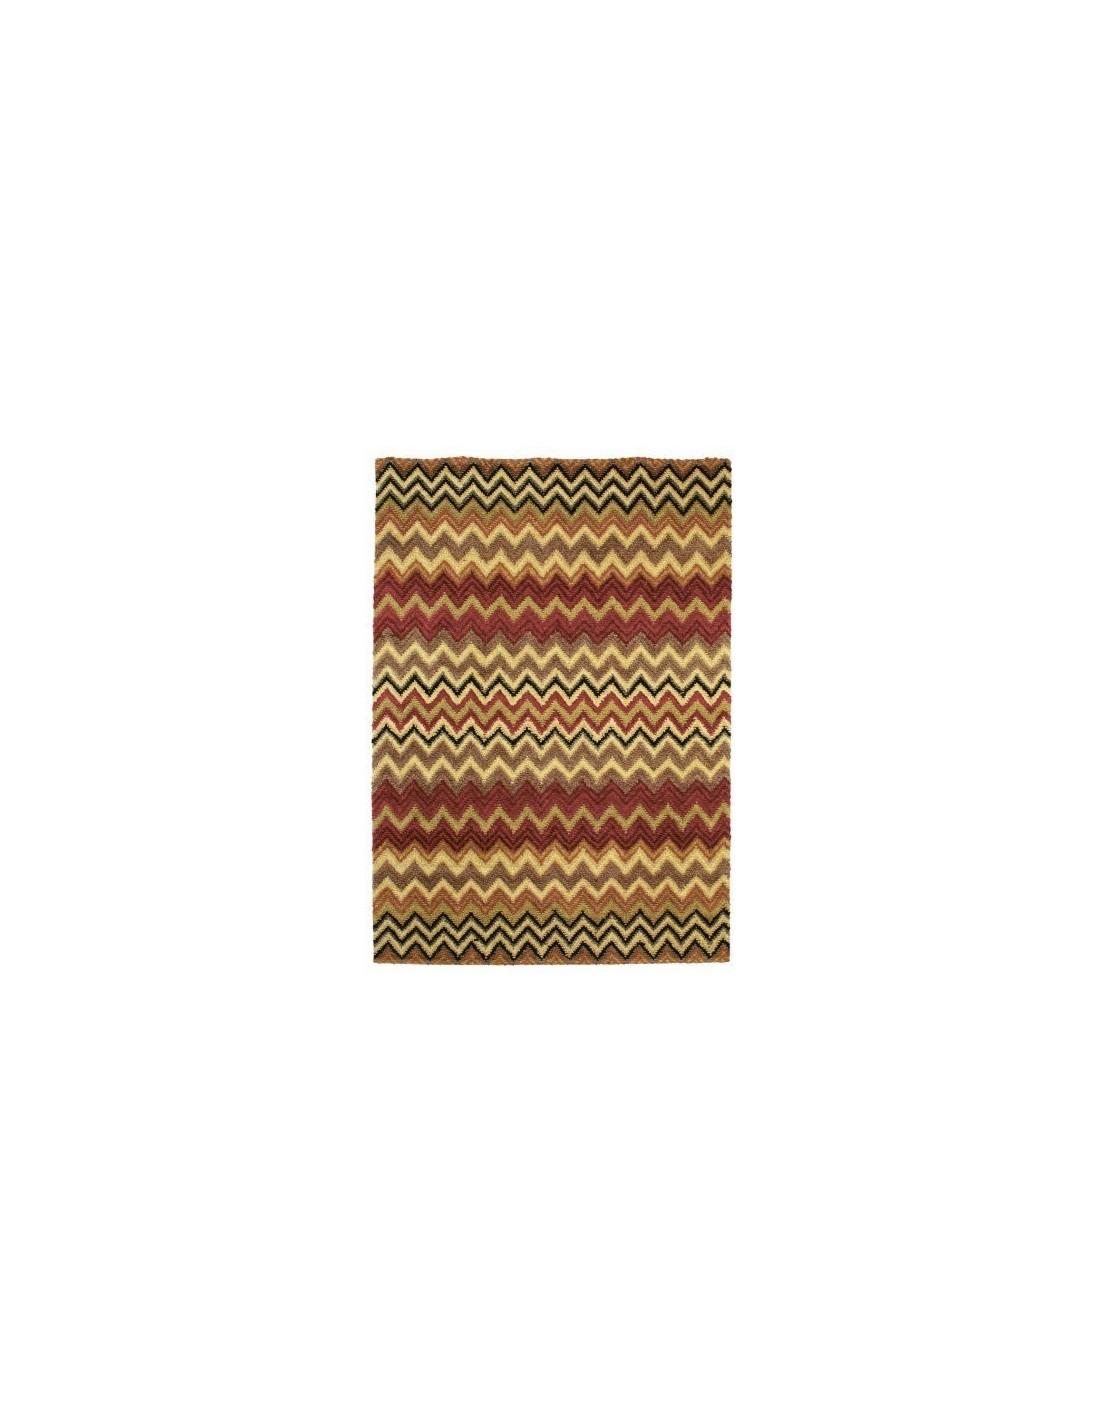 Contemporary rug Tappeto Missoni Home Honduras grigio T59 designed by Missoni Home